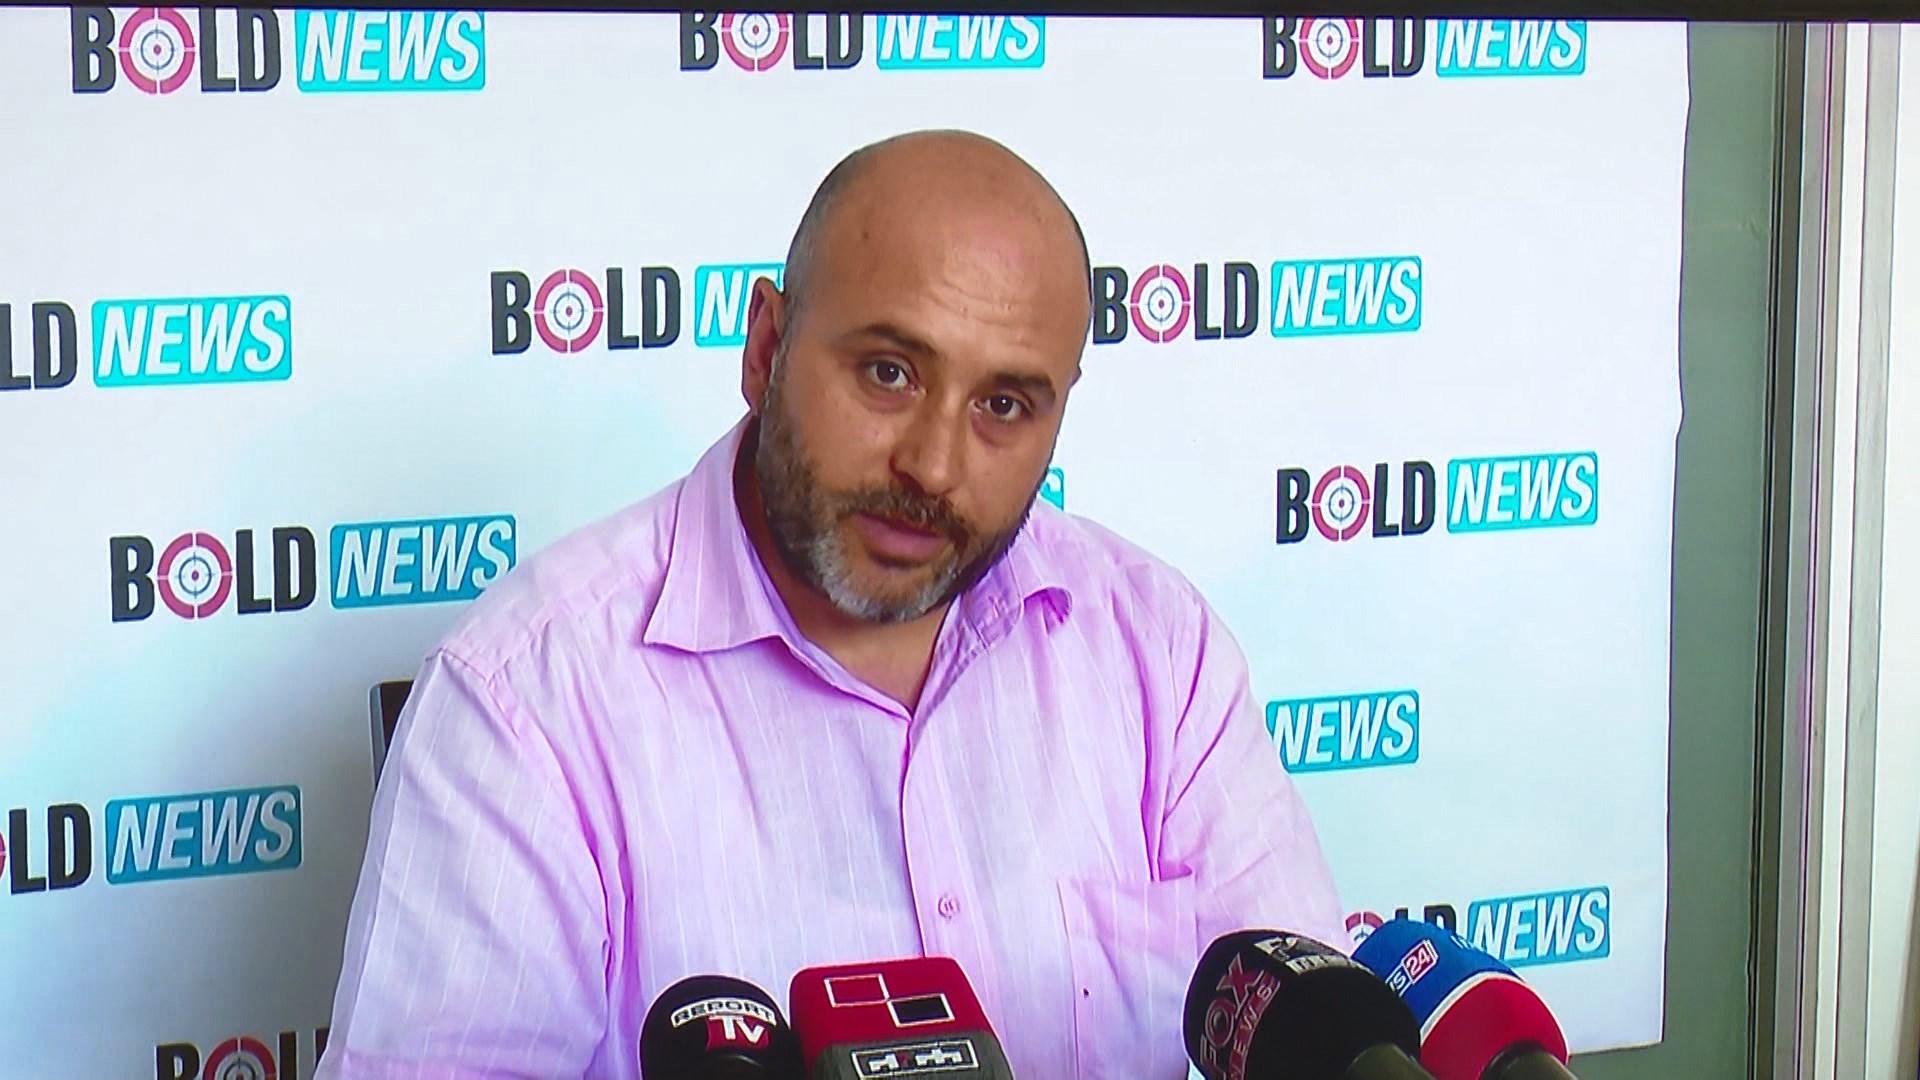 Investigimi i PD, shoqatat e gazetarëve mbështetje gazetarit Olldashi